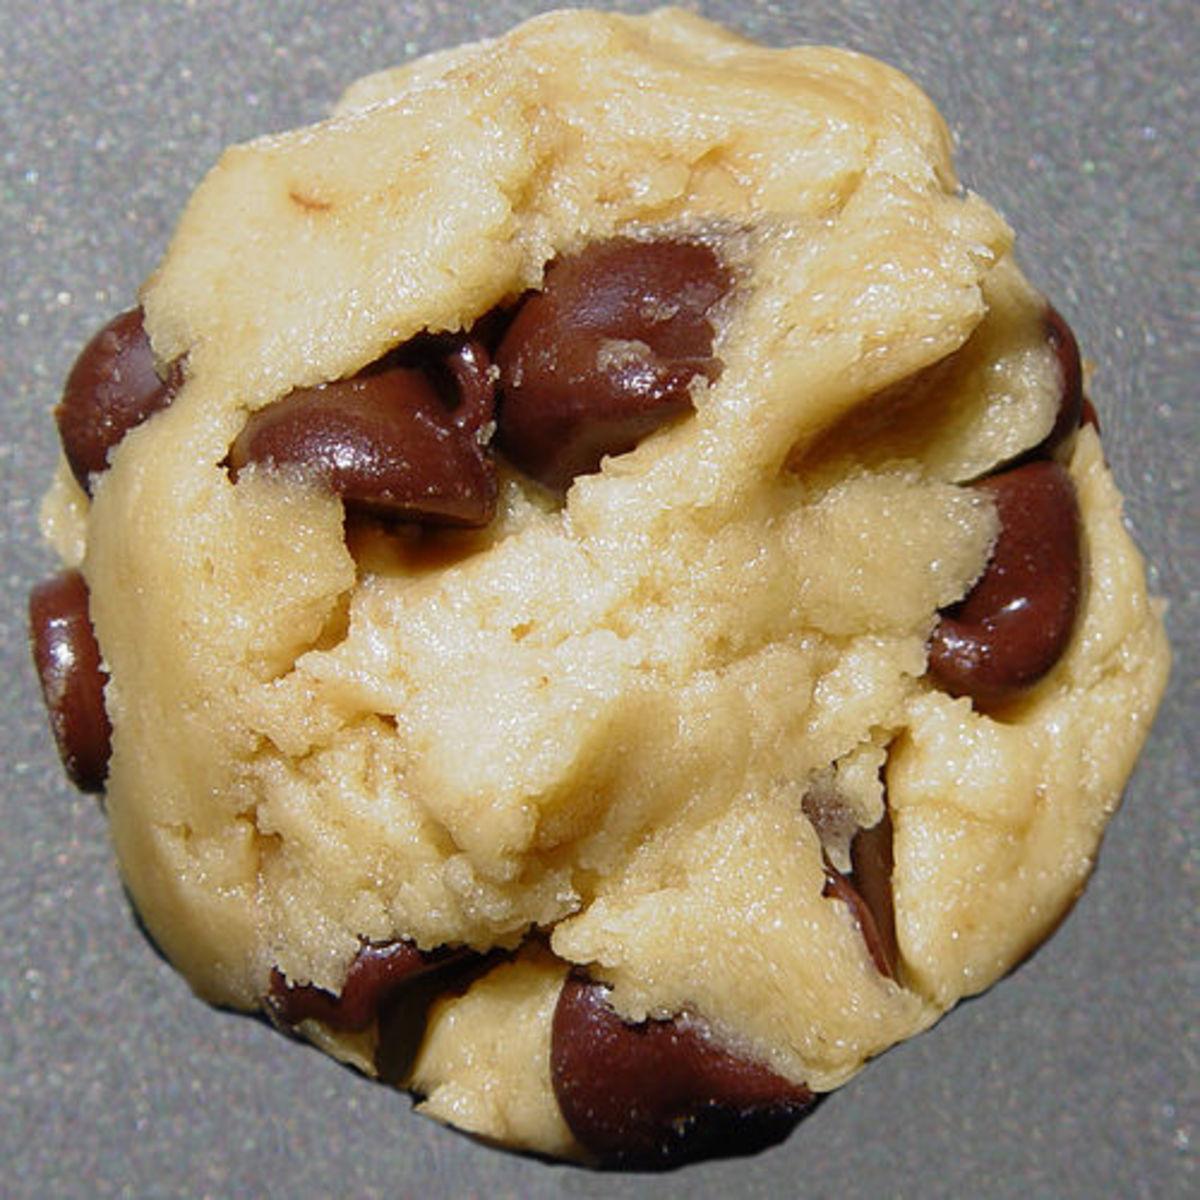 Mmmmm - Cookies!!!